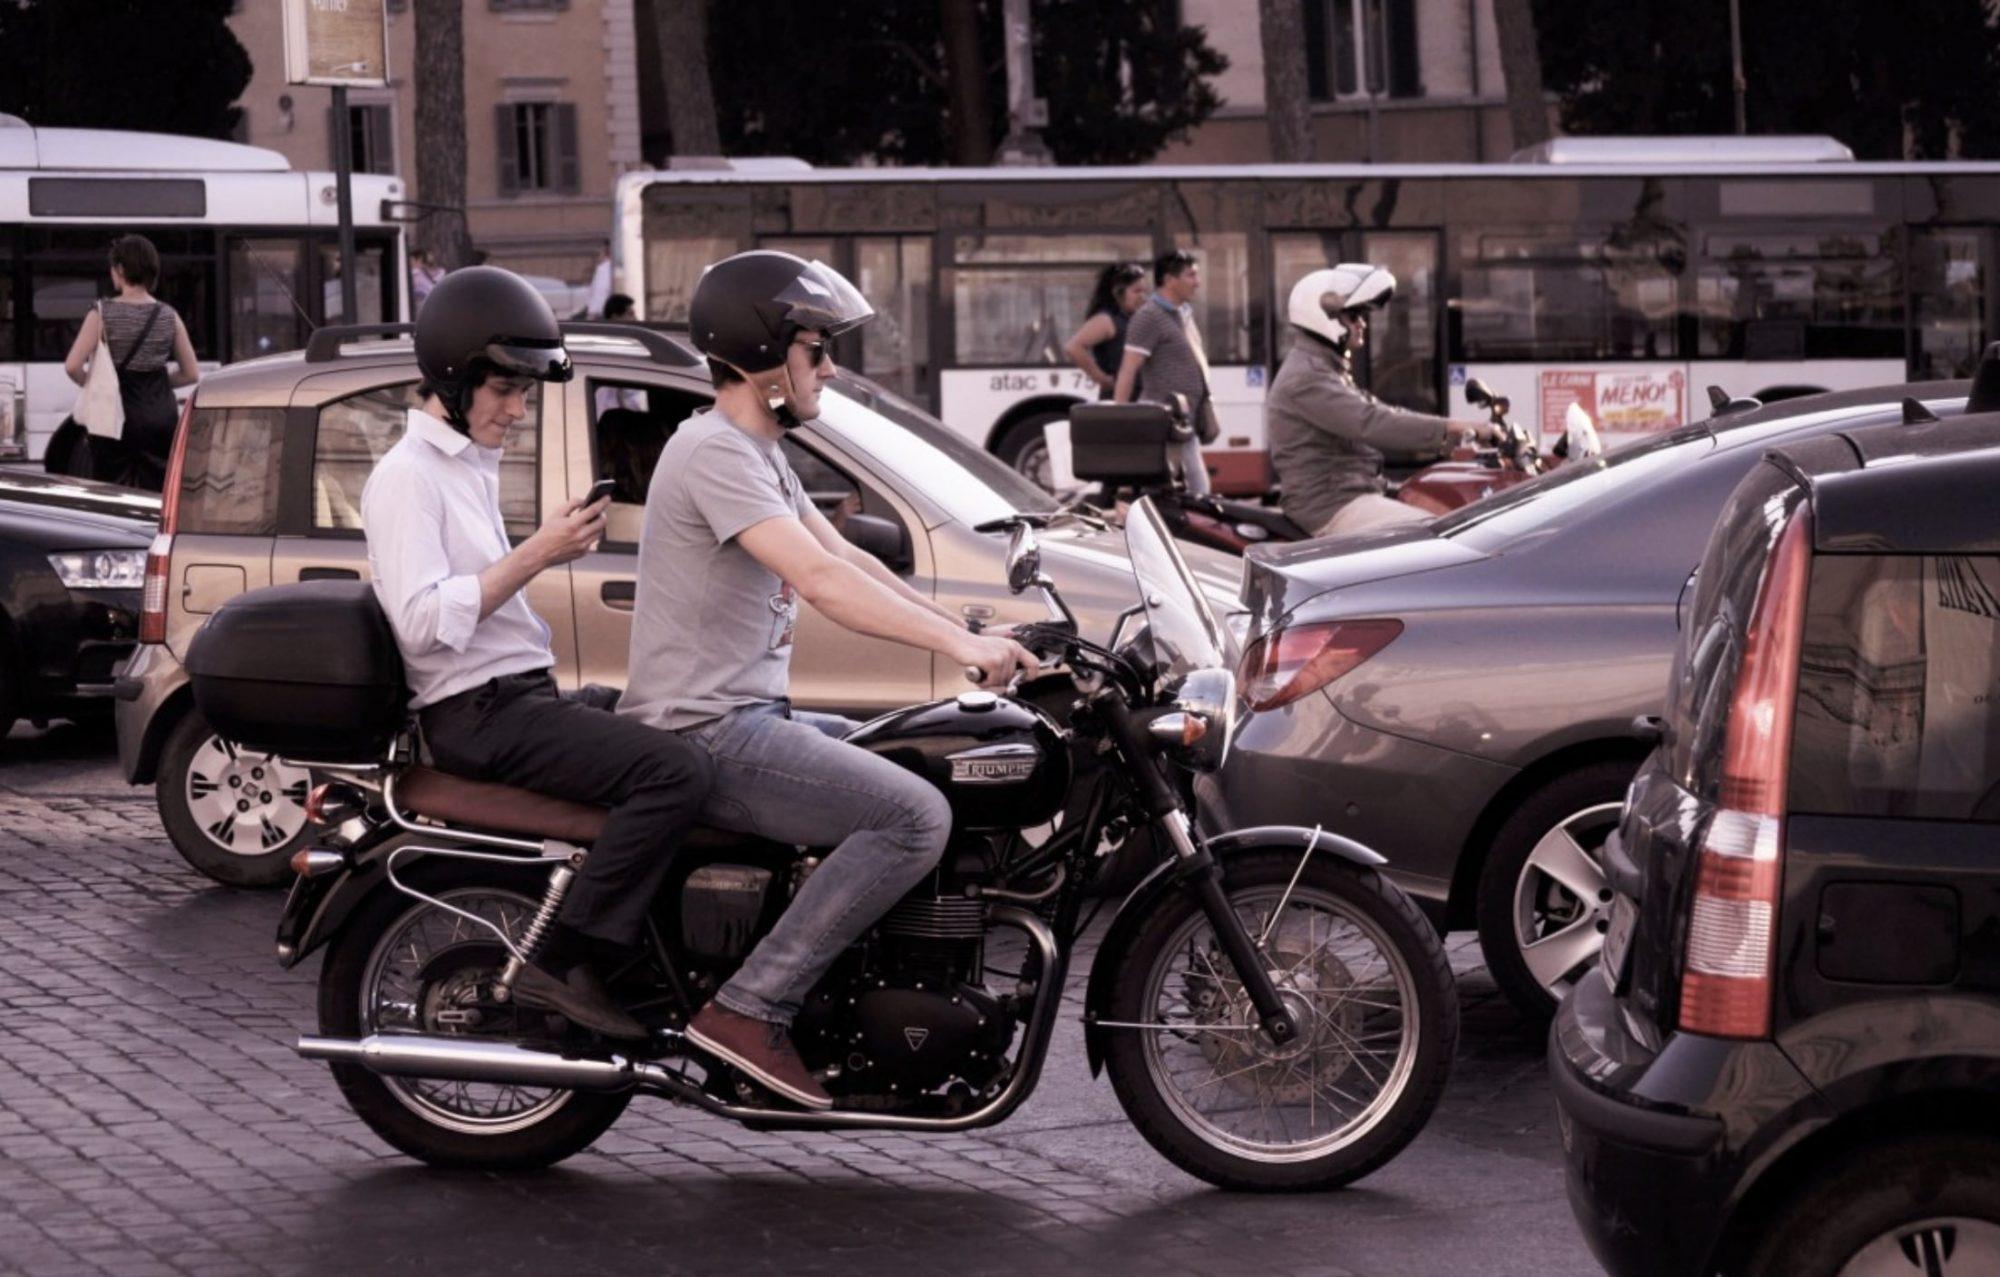 Les motards pourront à nouveau circuler entre les voitures à partir de juin